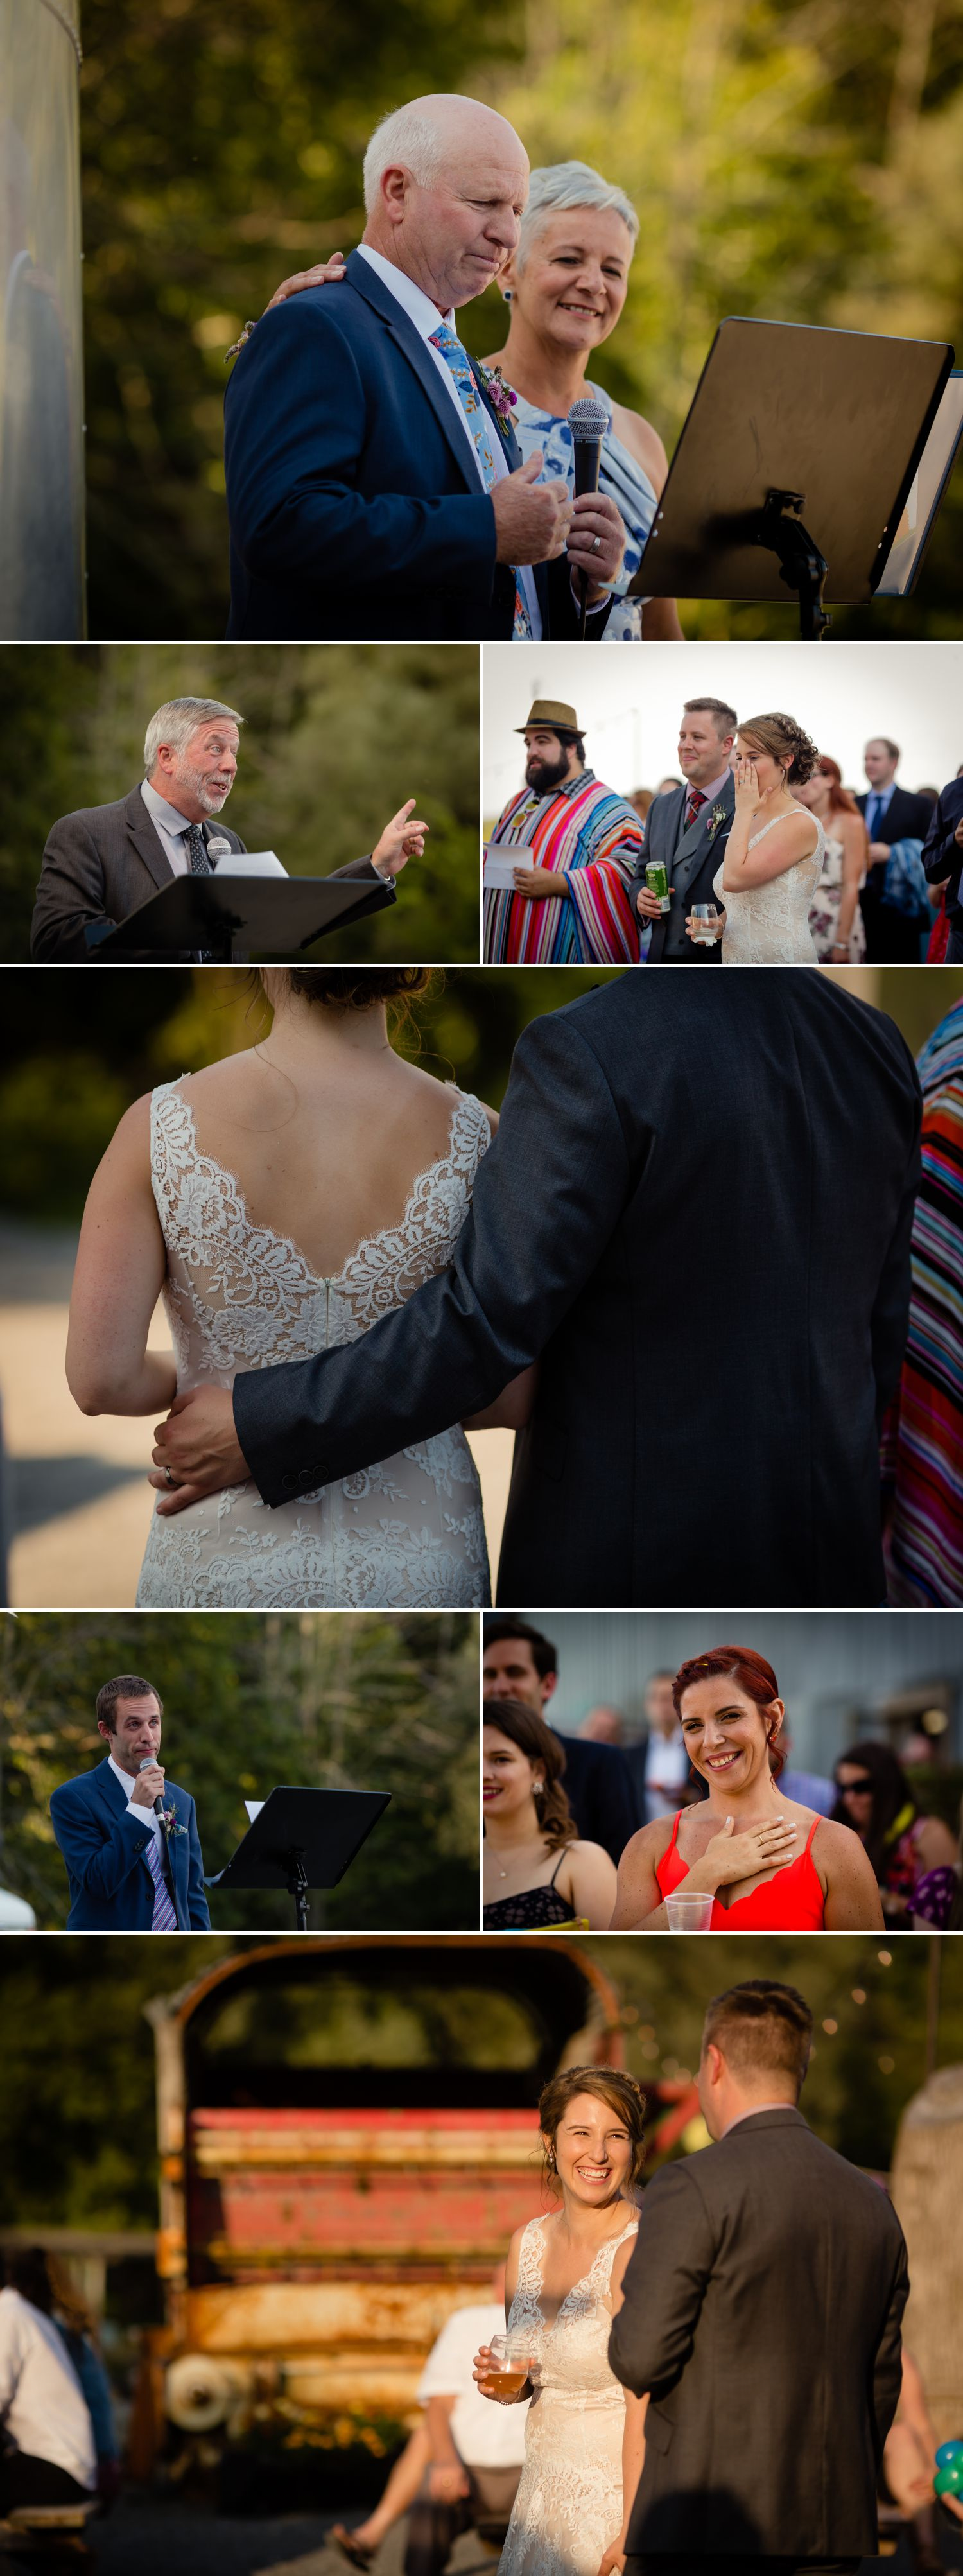 A wedding reception outside at the Haymow Farm in Ottawa